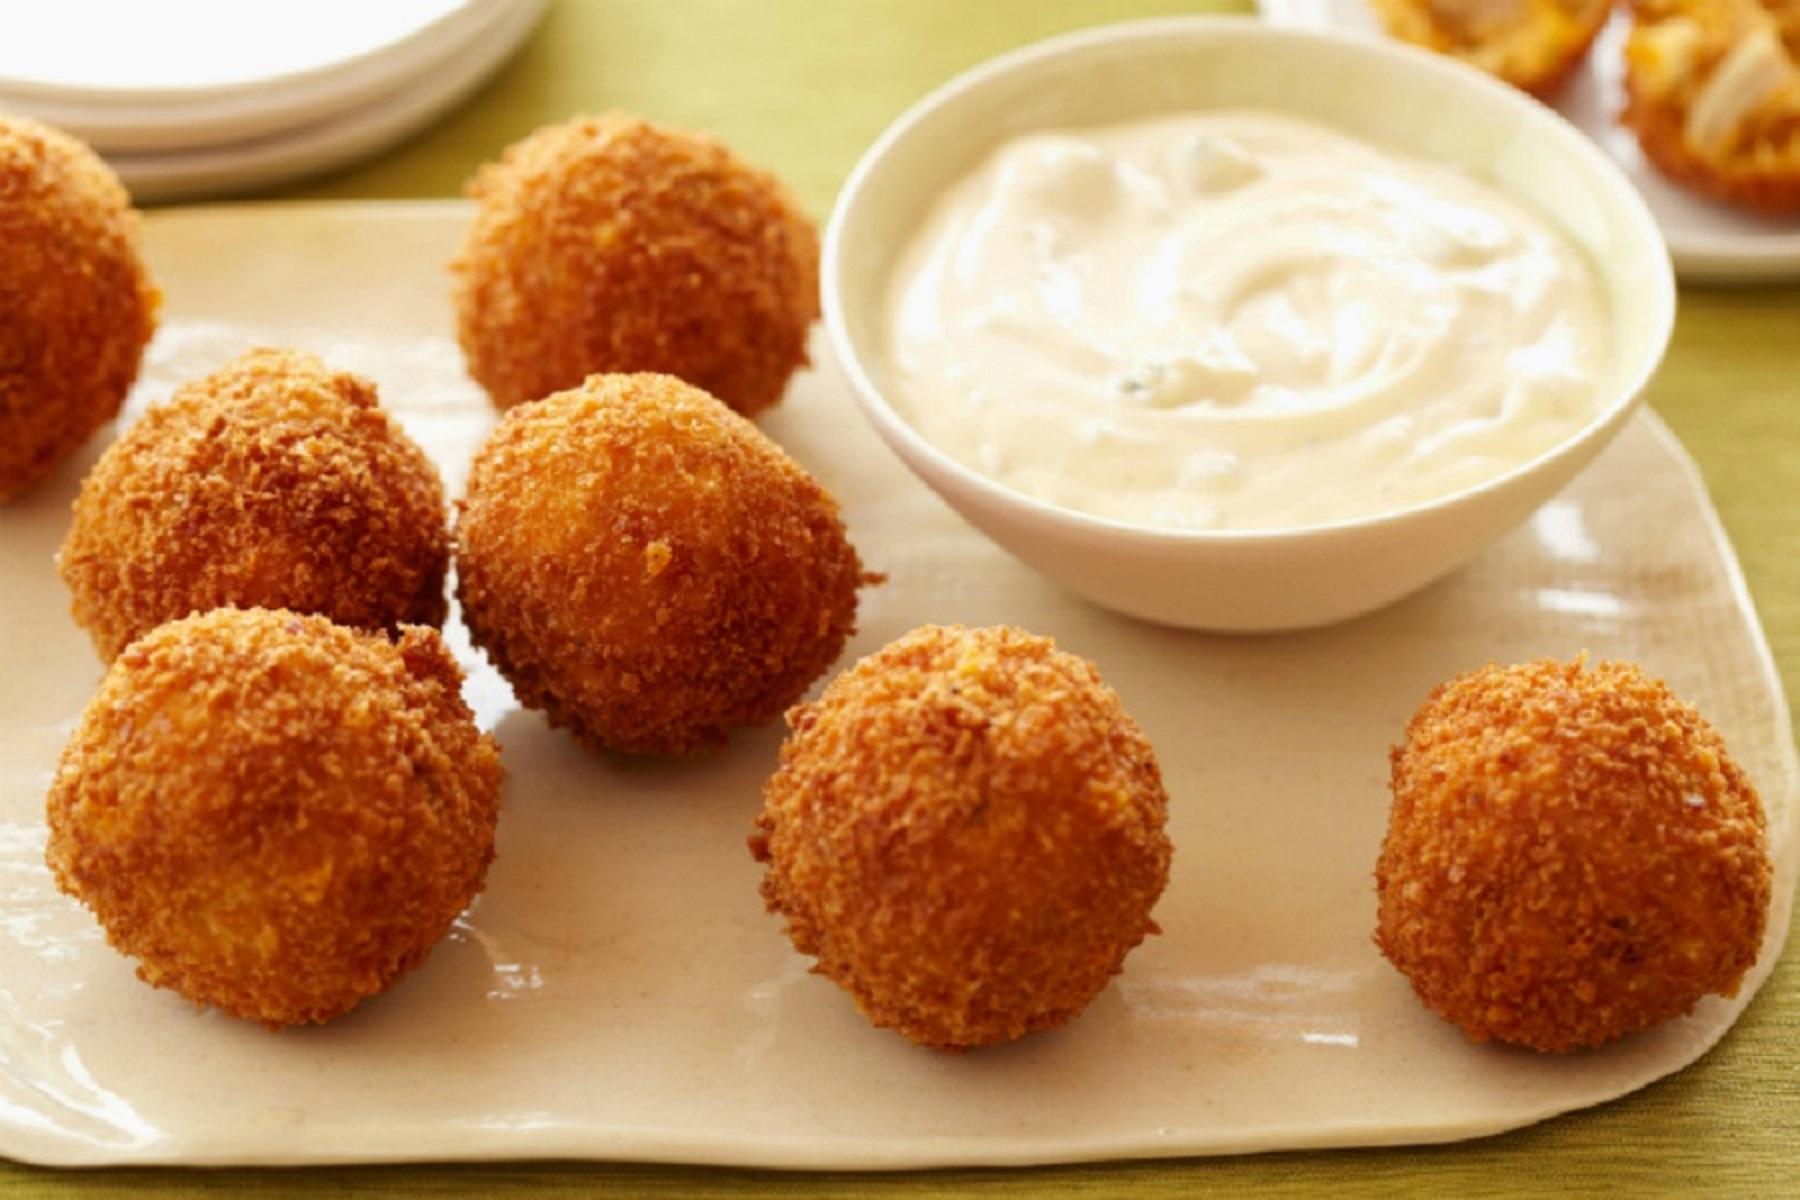 Κροκέτες Τυρί: Συνταγή για μικρούς και μεγάλους